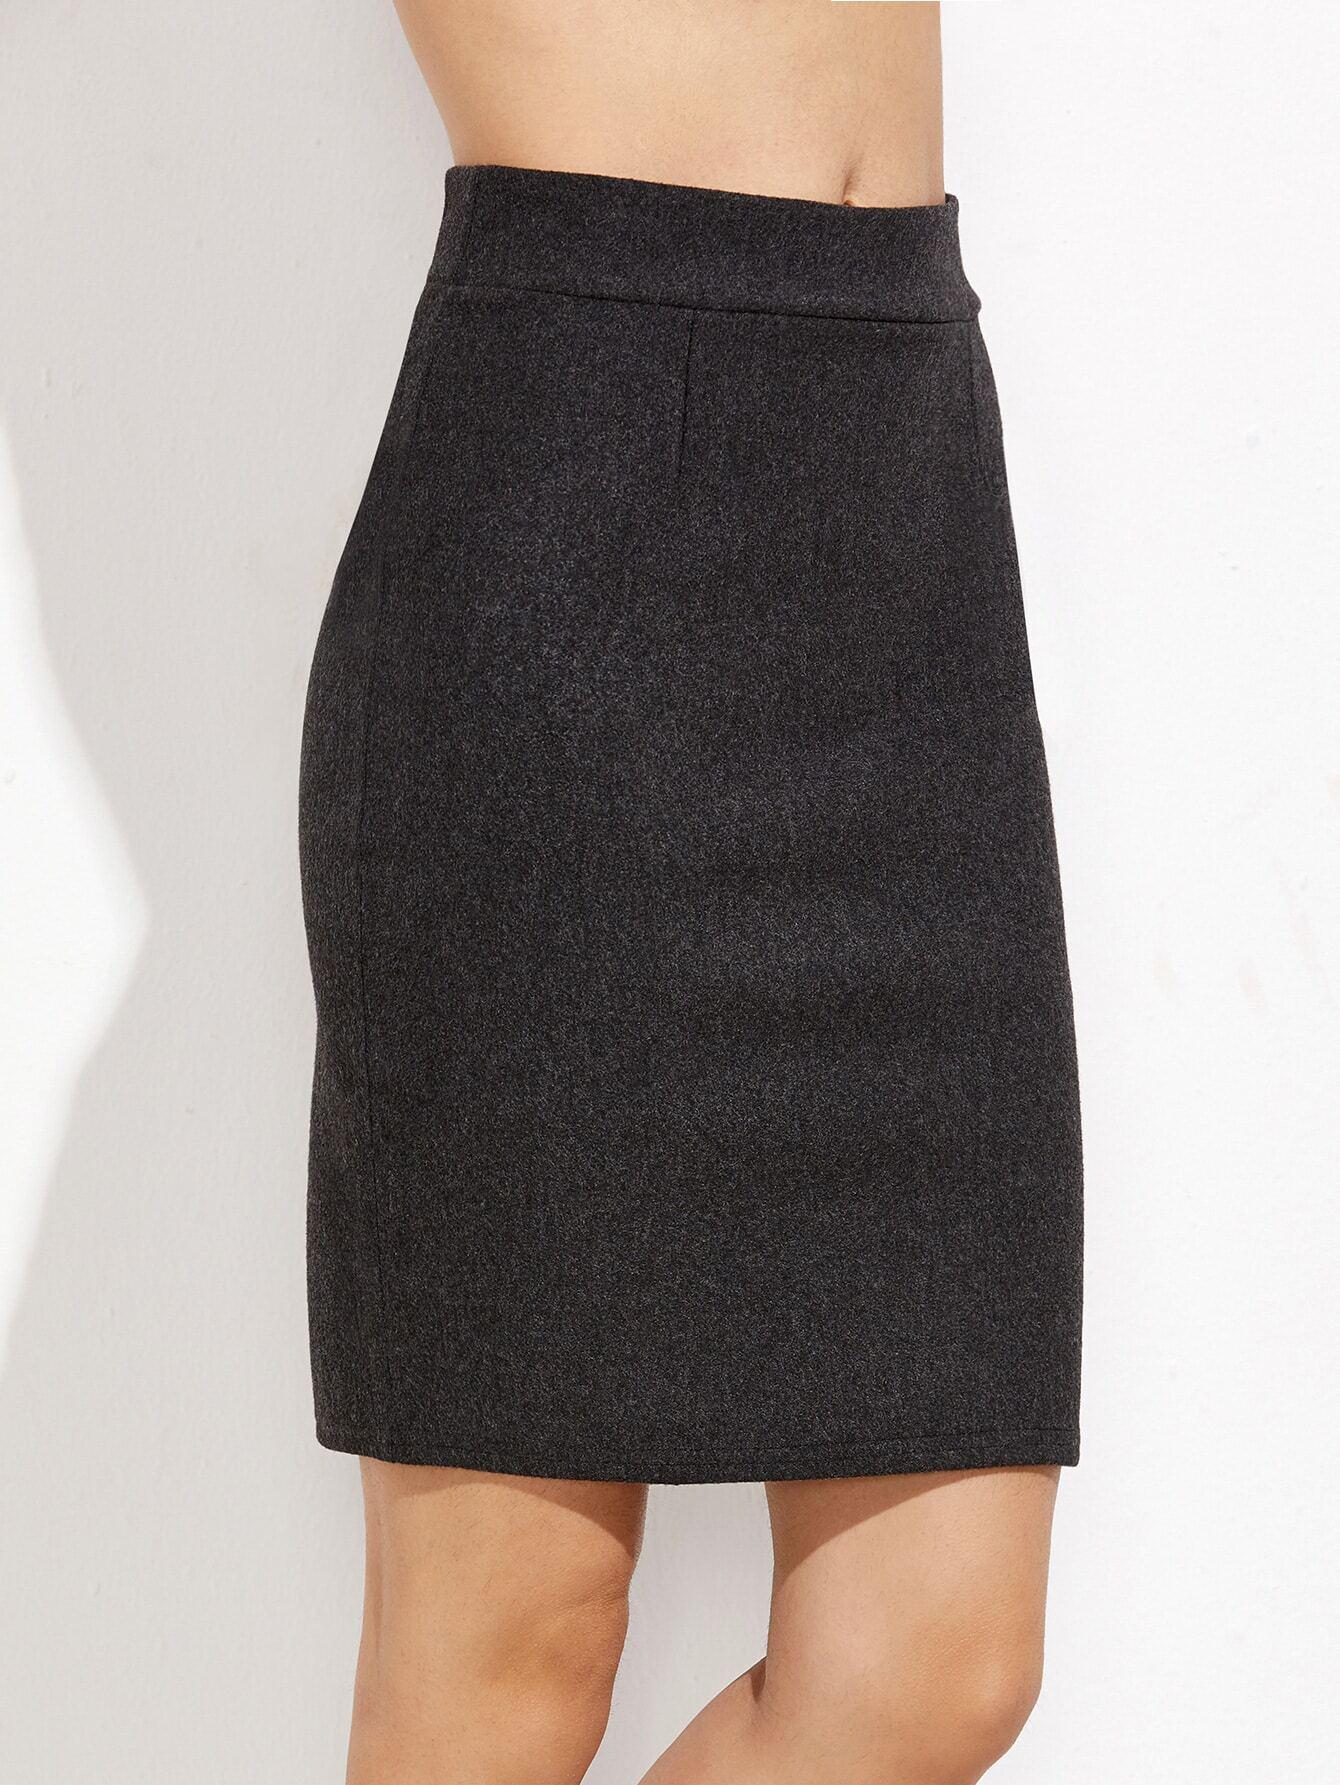 skirt161101001_2